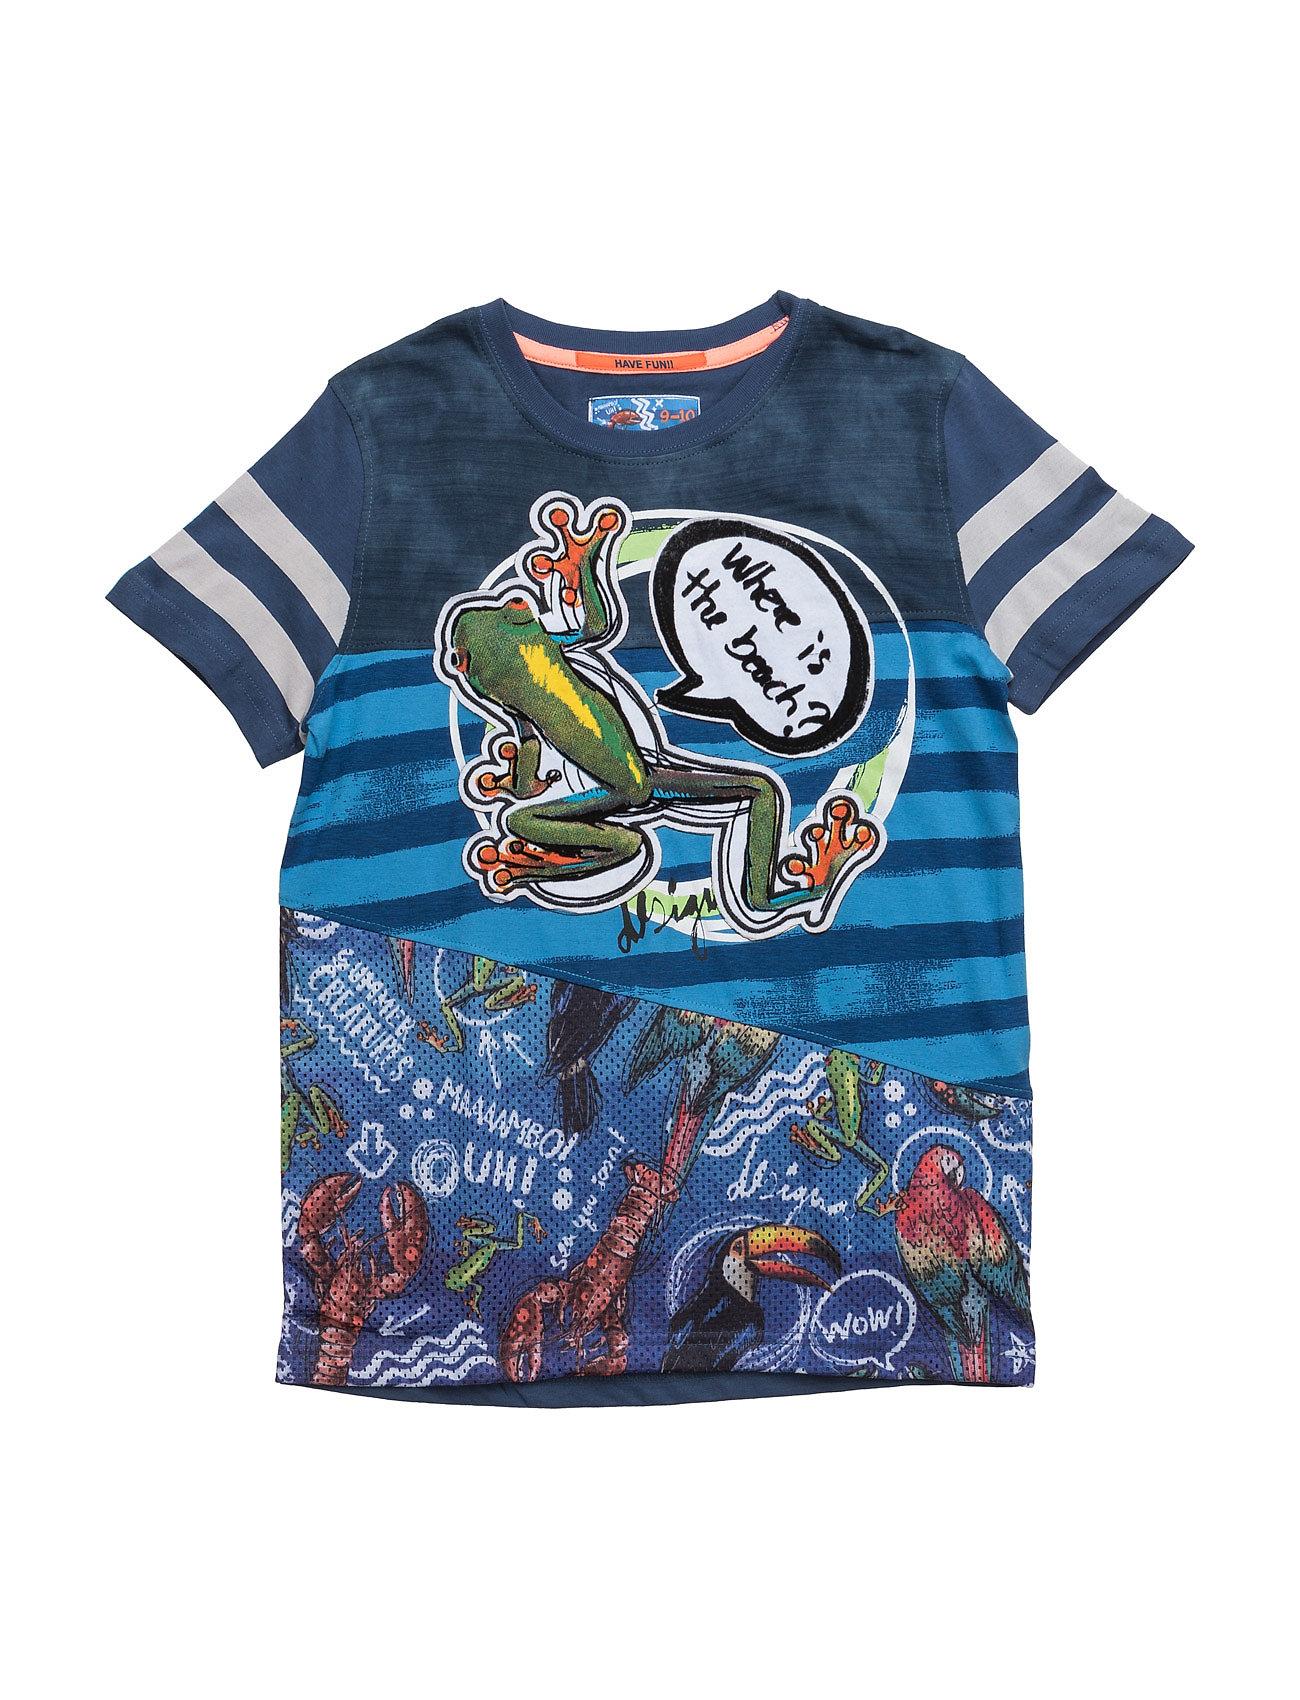 Ts Fermin Desigual Kortærmede t-shirts til Børn i Midnight blå